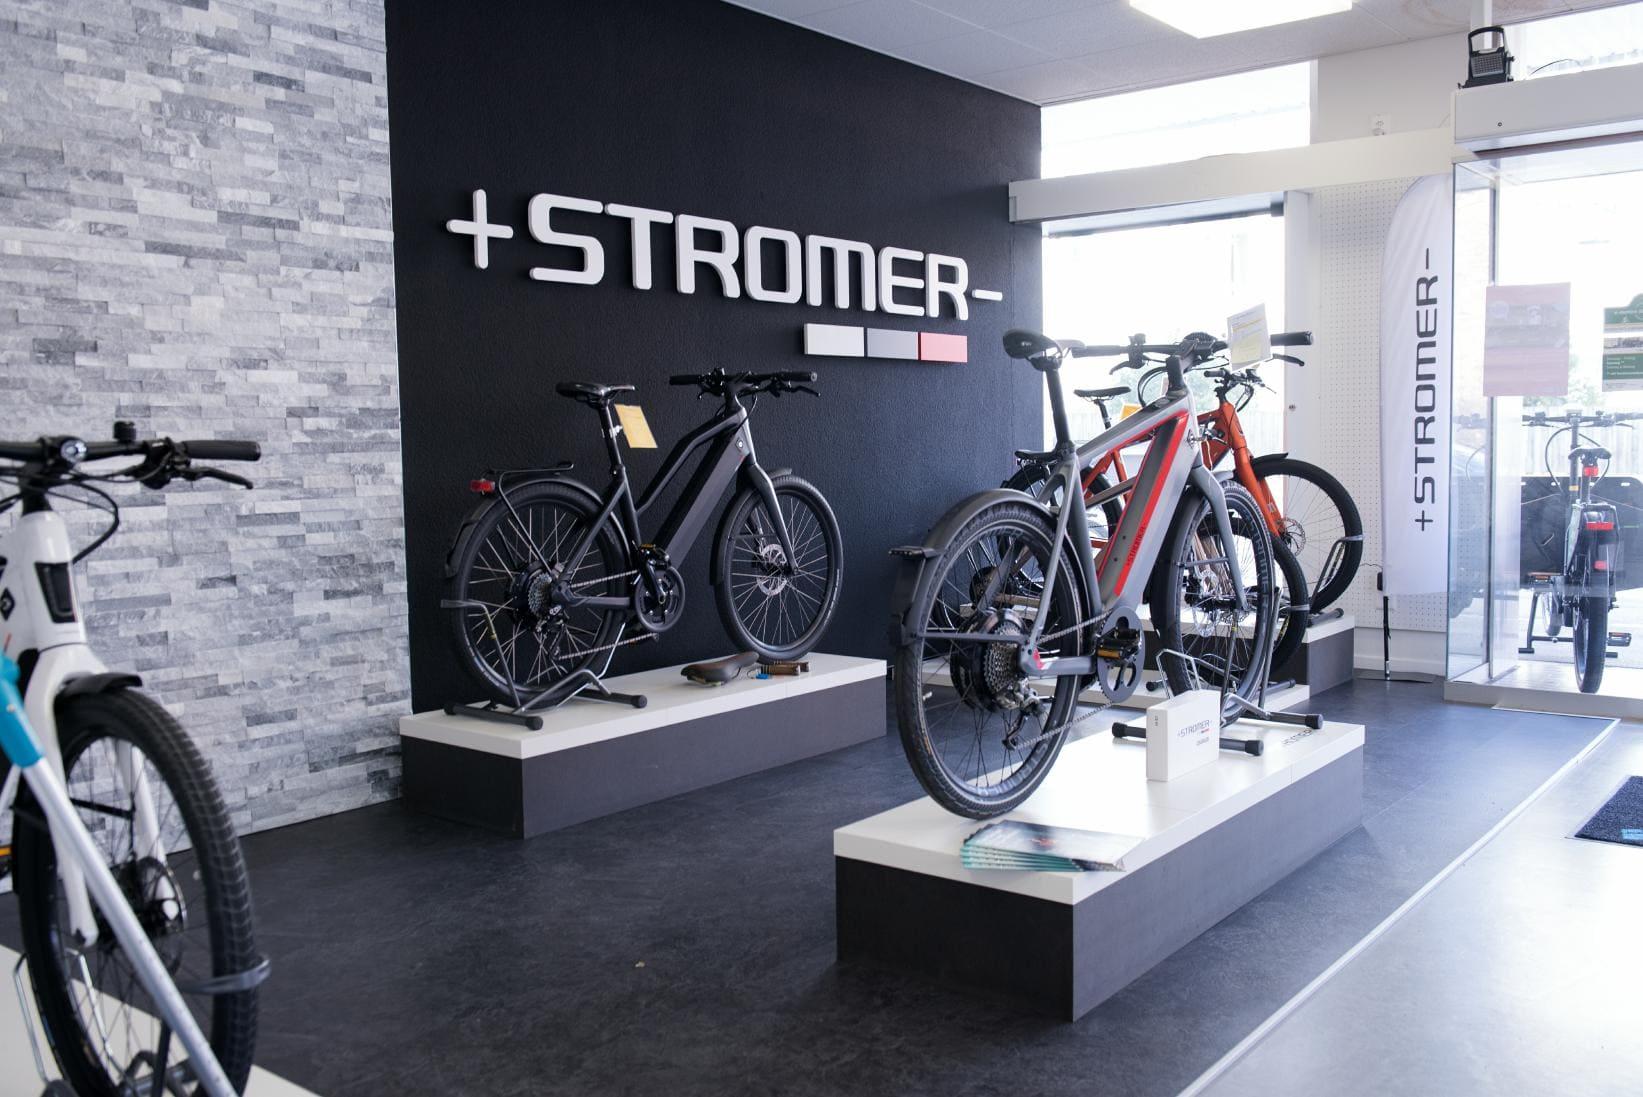 e-motion e-Bike Welt Dietikon_Shop_2018_5_Stromer e_mountainbikes_Verkauf_Podest